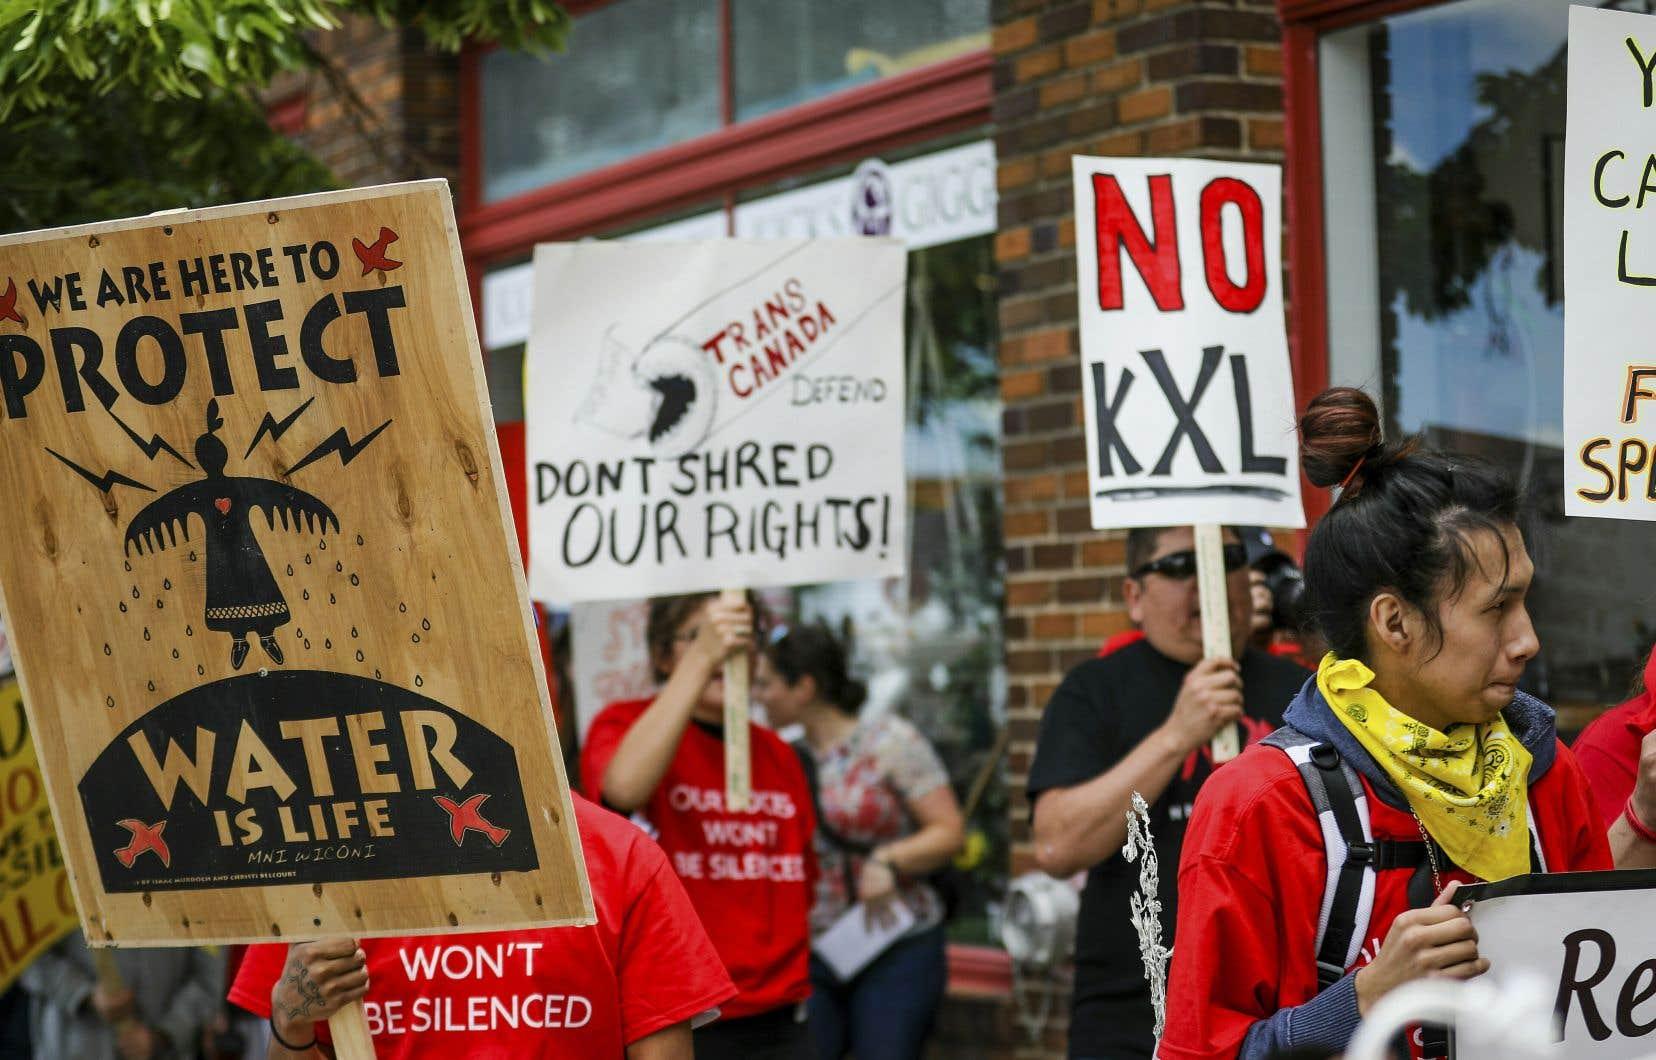 Plusieurs contestations du projet de pipeline de TC Energy, qui doit permettre de transporter chaque année 300millions de barils de pétrole de l'Alberta jusqu'au Texas, ont eu lieu aux États-Unis. Au cours de la campagne présidentielle, Joe Biden s'est engagé à le stopper.